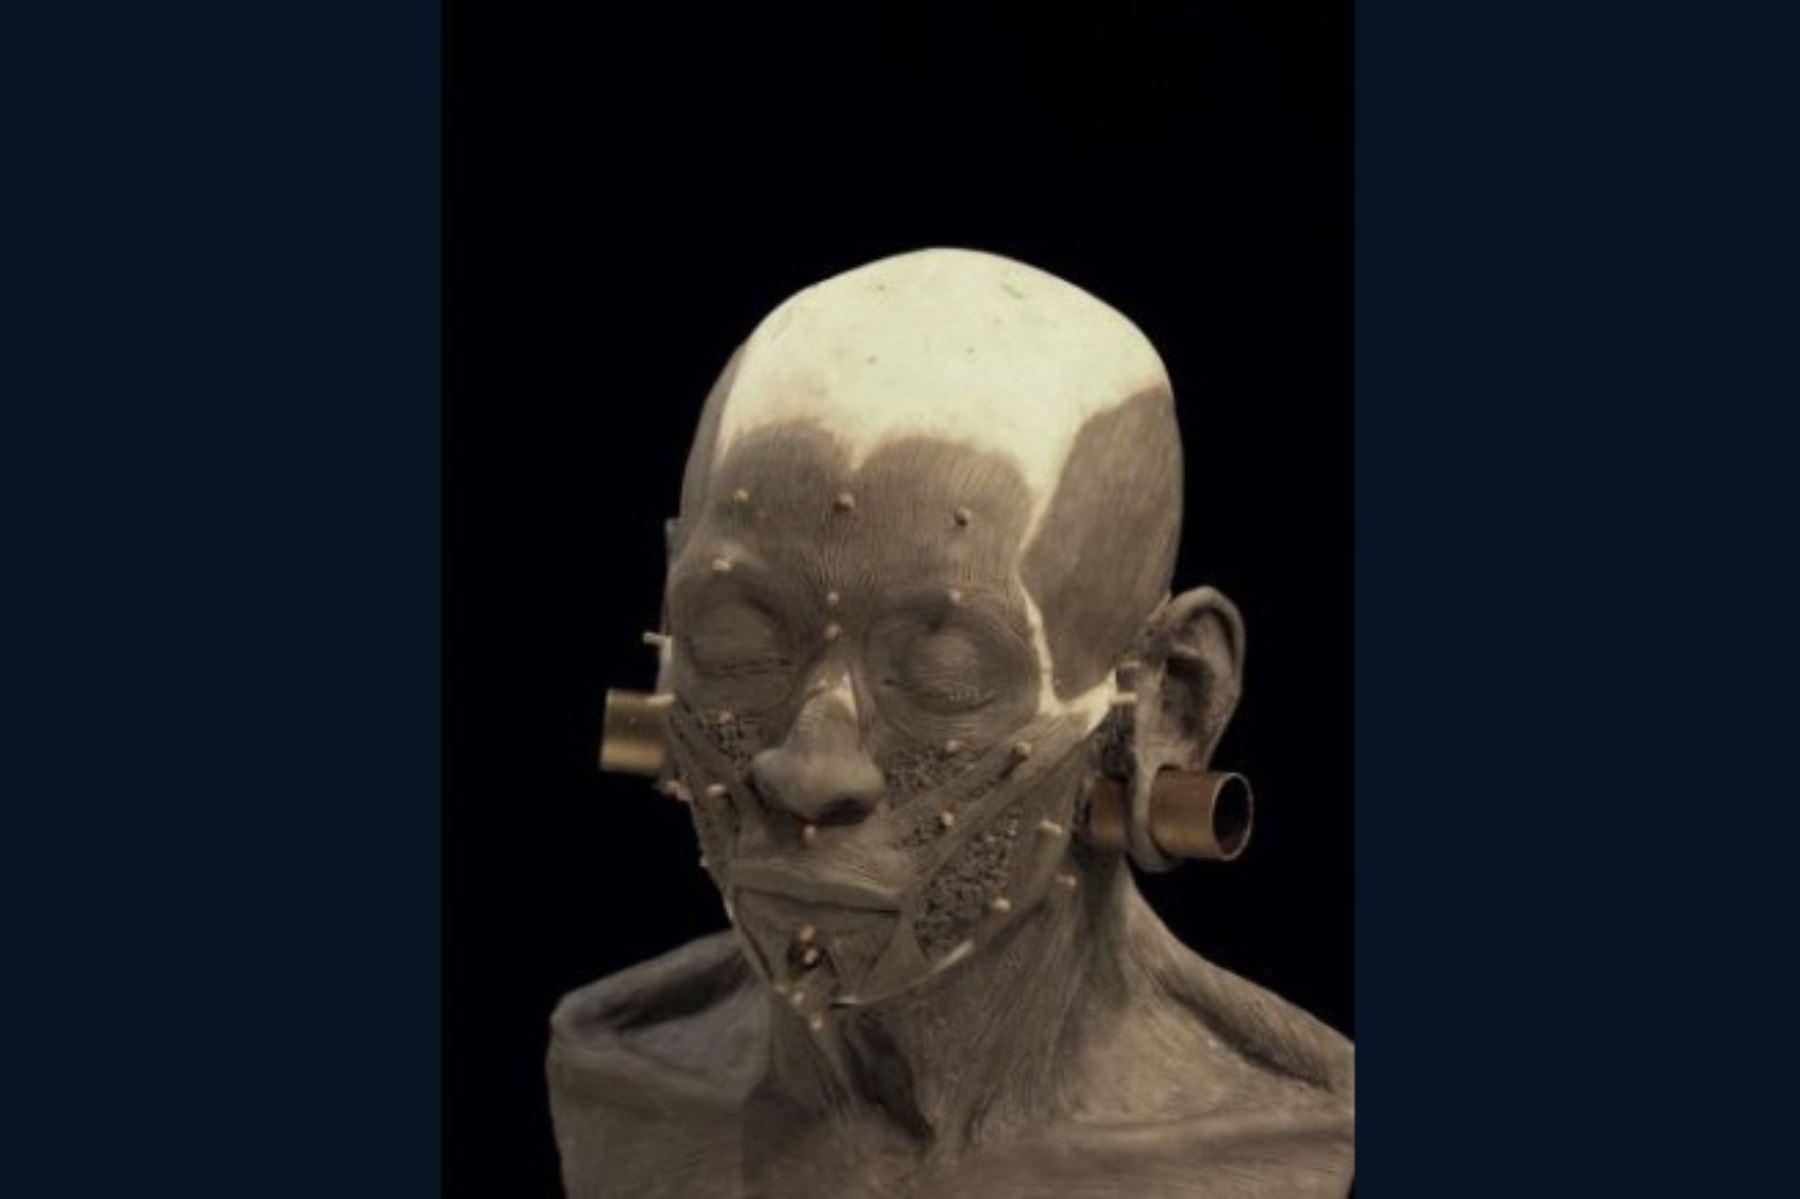 El aporte de la tecnología tridimensional a la arqueología y la antropología peruana viene siendo decisivo para conocer la fisonomía de personajes que ejercieron el gobierno en importantes civilizaciones precolombinas como Moche y Wari. Los hallazgos de las osamentas y ajuares funerarios de estas autoridades del antiguo Perú asombran al mundo. INTERNET/Medios